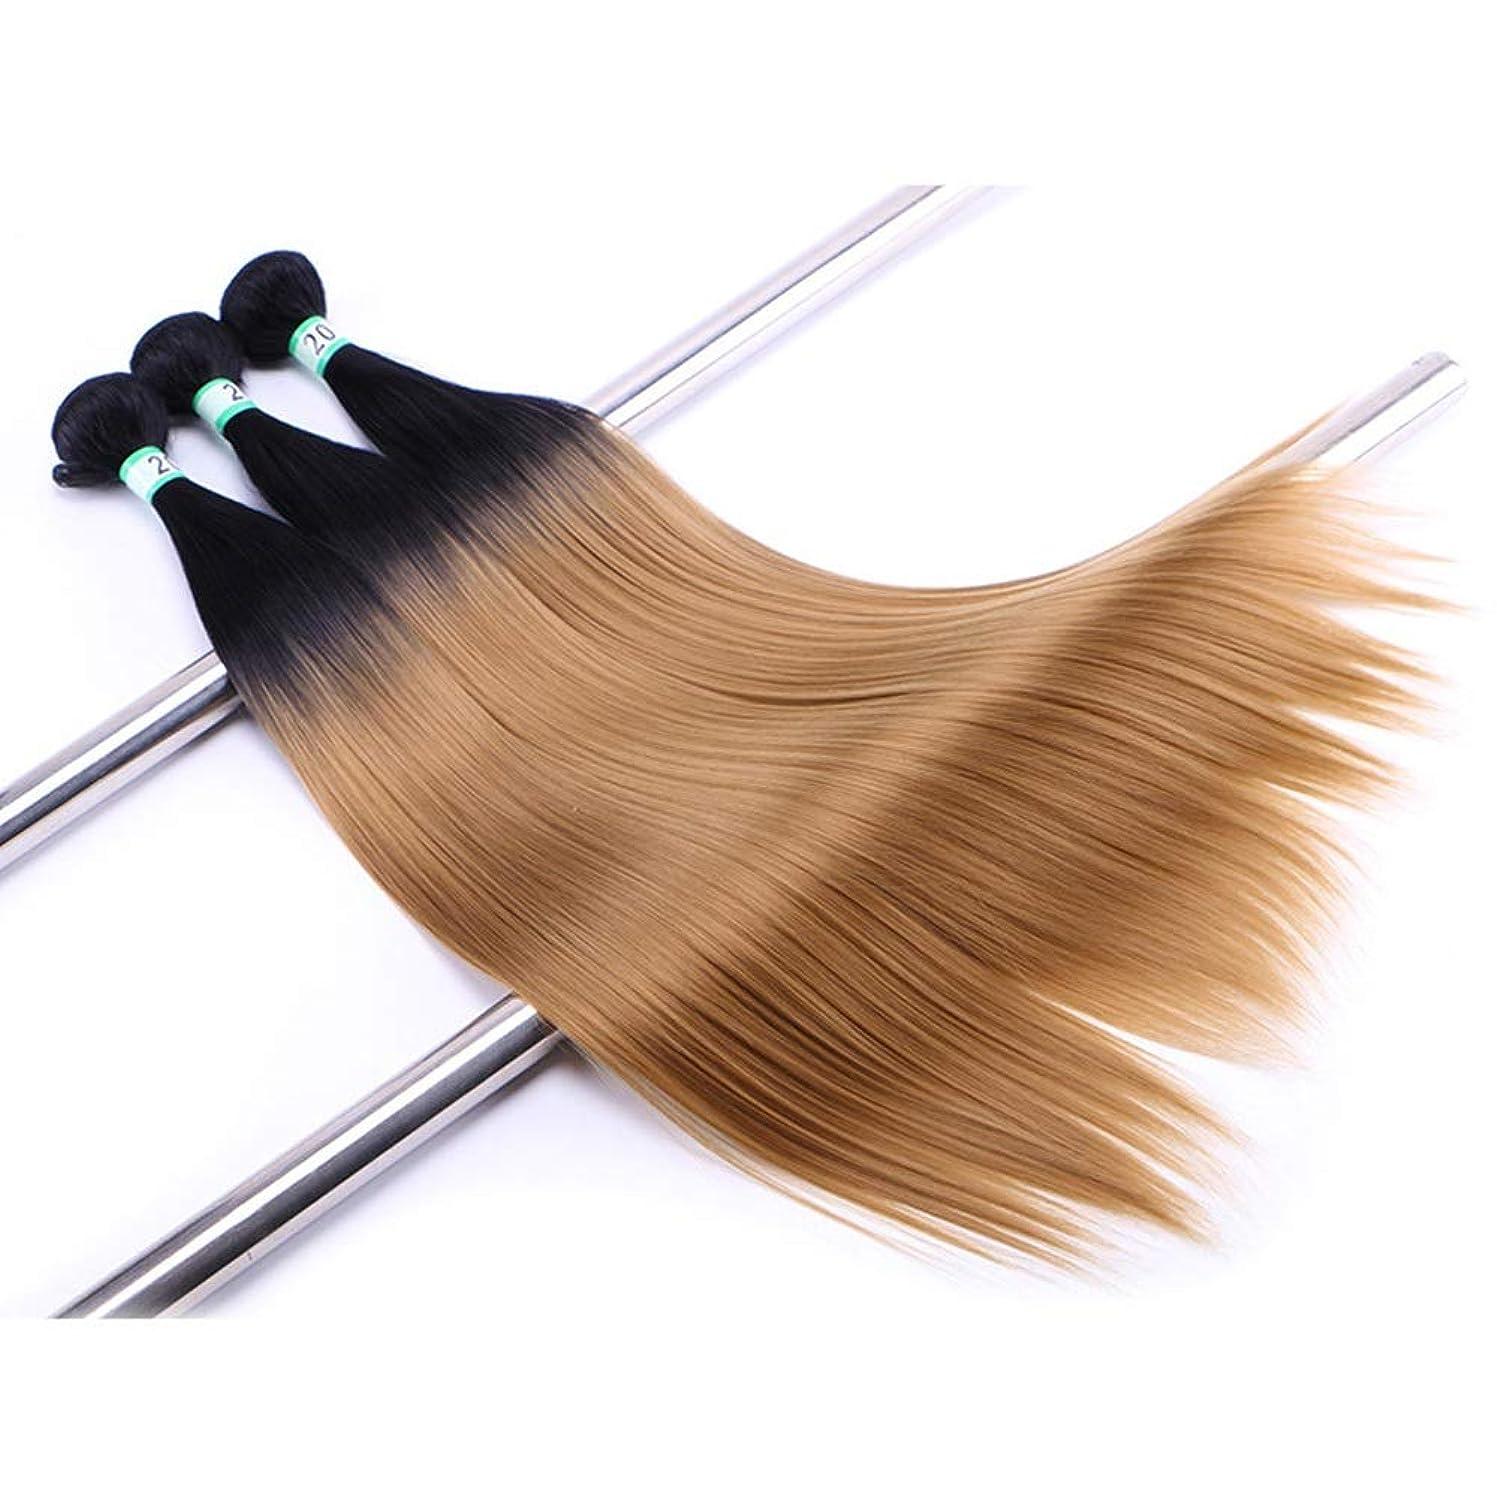 病な最高アカウントYrattary ヘアエクステンション織りバンドルブロンドナチュラルヘア横糸ストレートクリップなし(3バンドル)合成髪レースかつらロールプレイングウィッグロングとショート女性自然 (色 : Blonde, サイズ : 22inch)